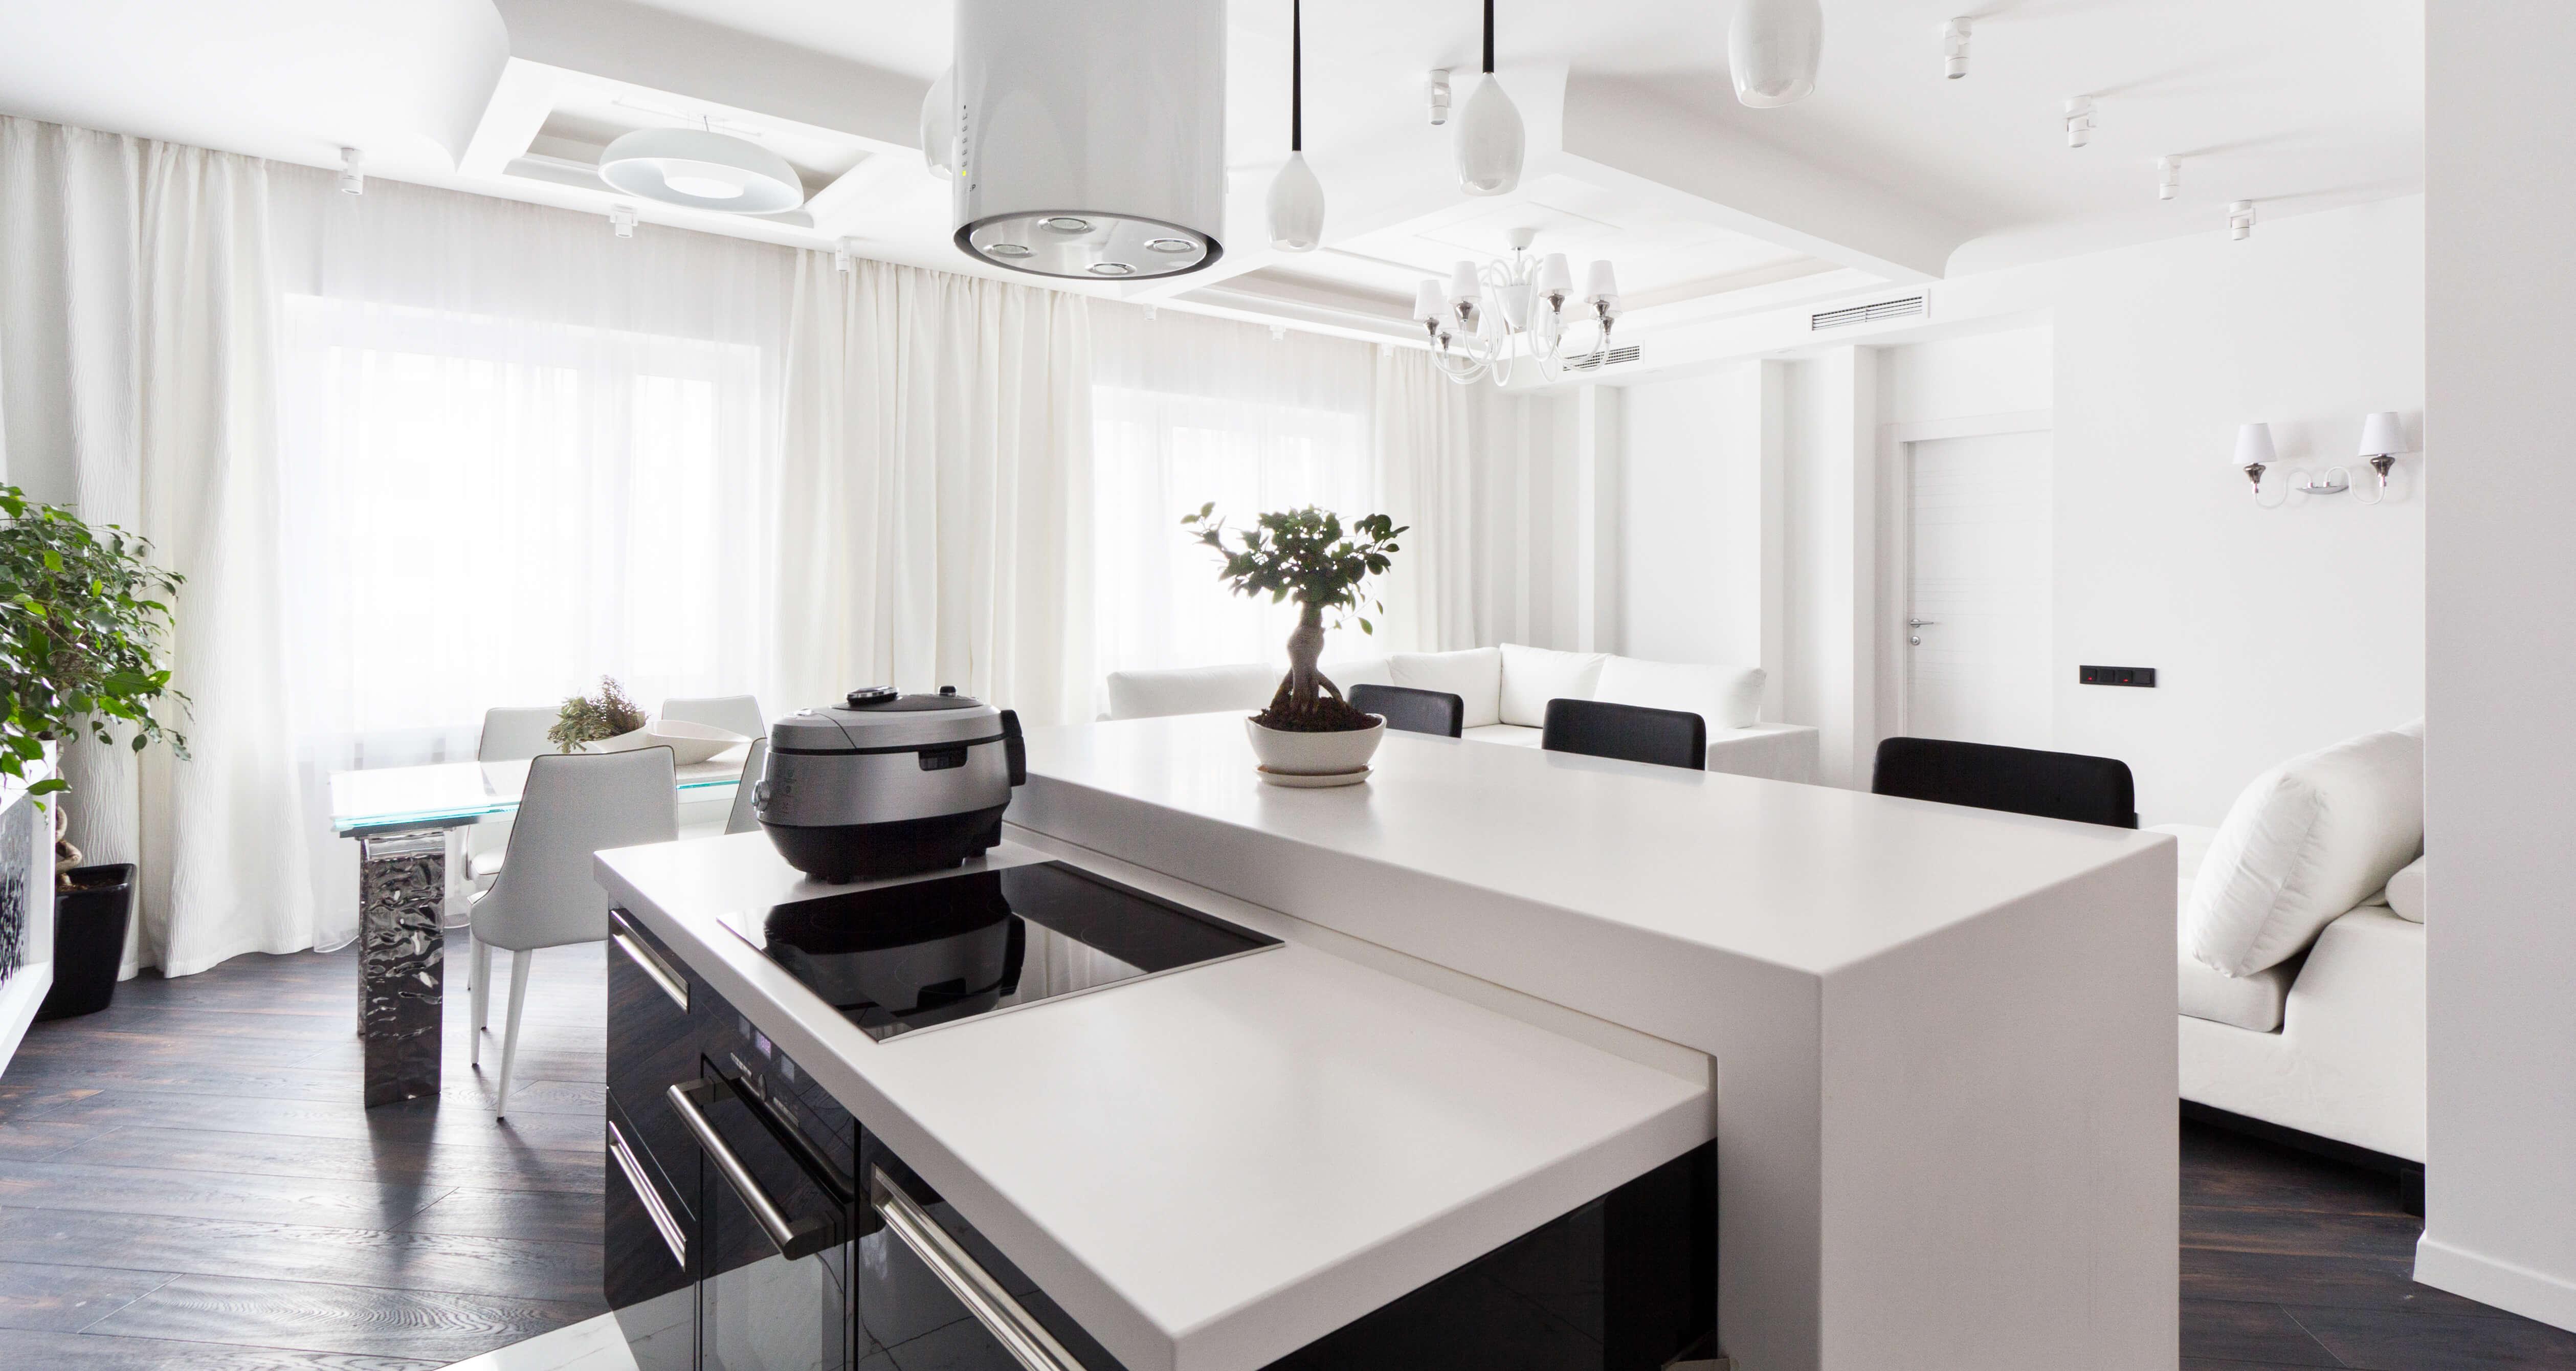 Студия в квартире в ЖК «Миракс Парк» - Разработка дизайна интерьера на заказ